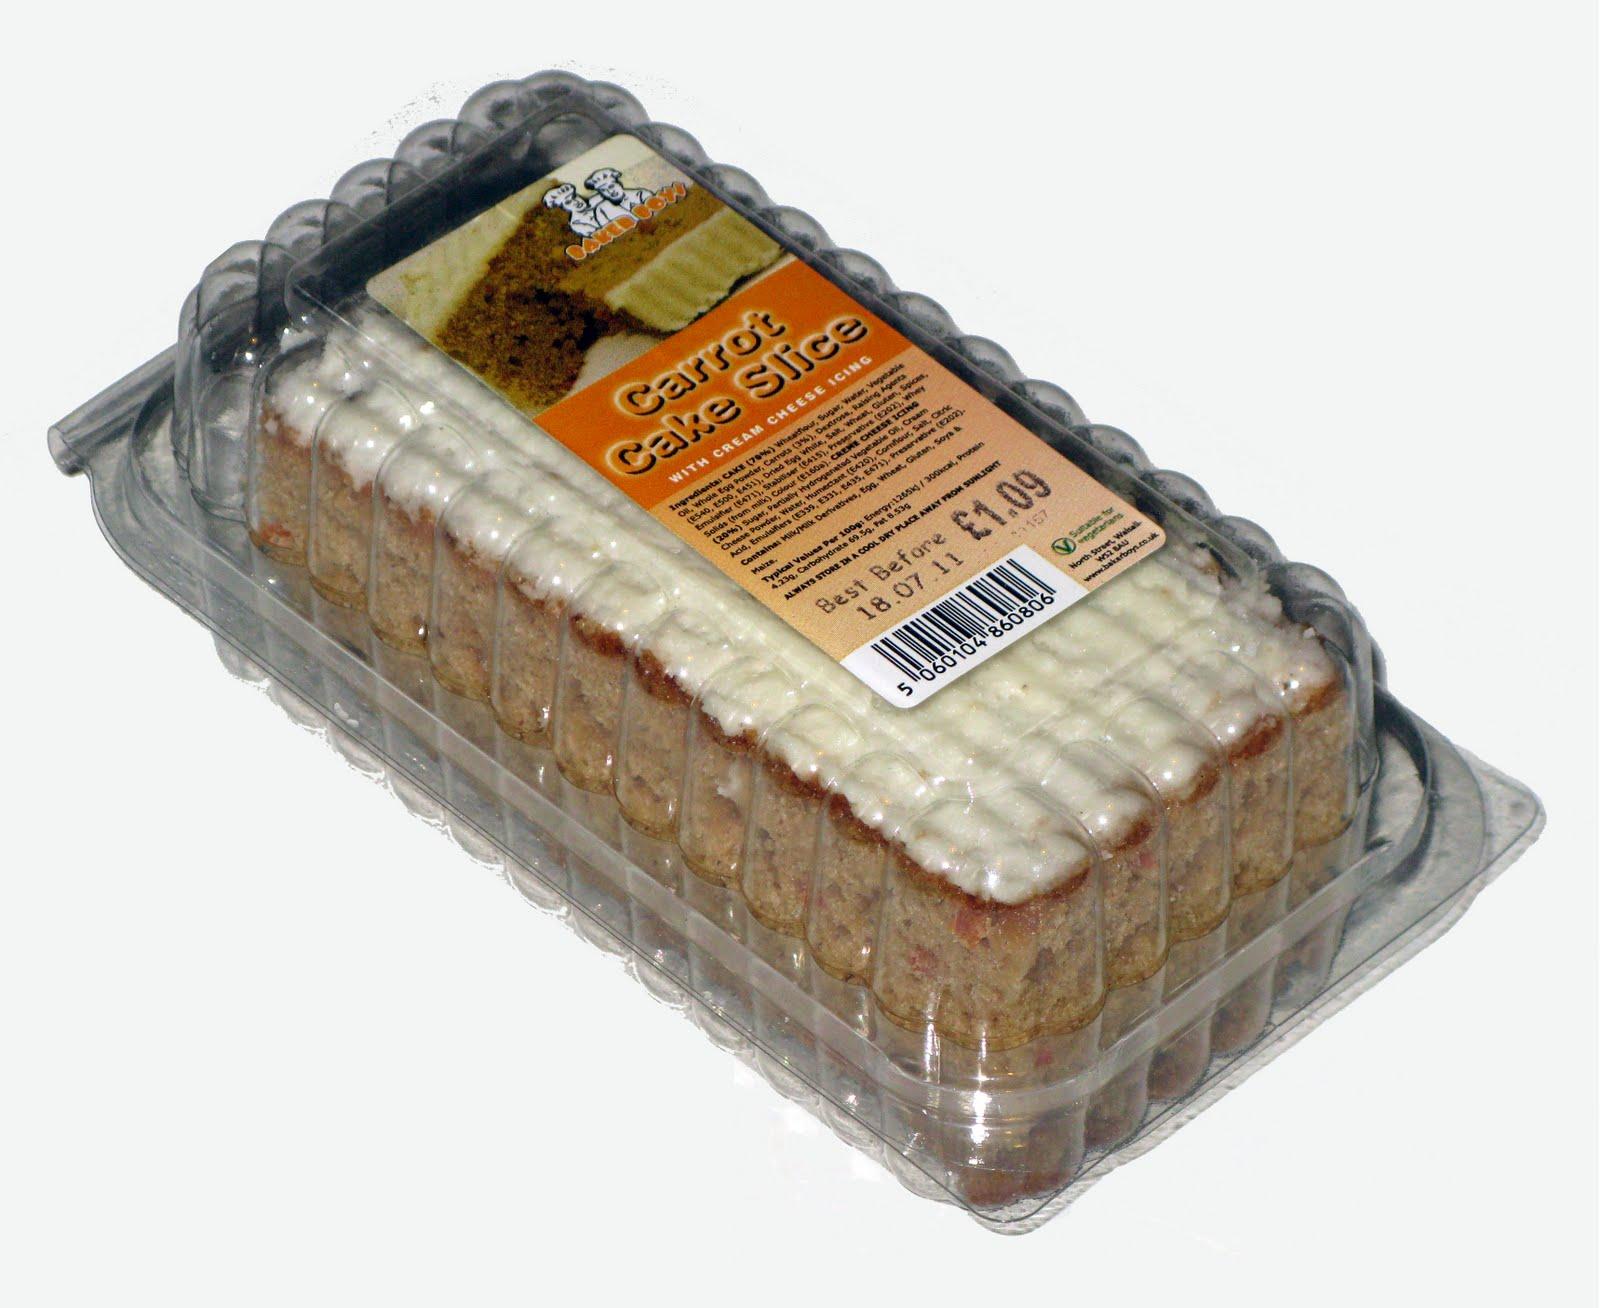 Prospect Carrot Cake